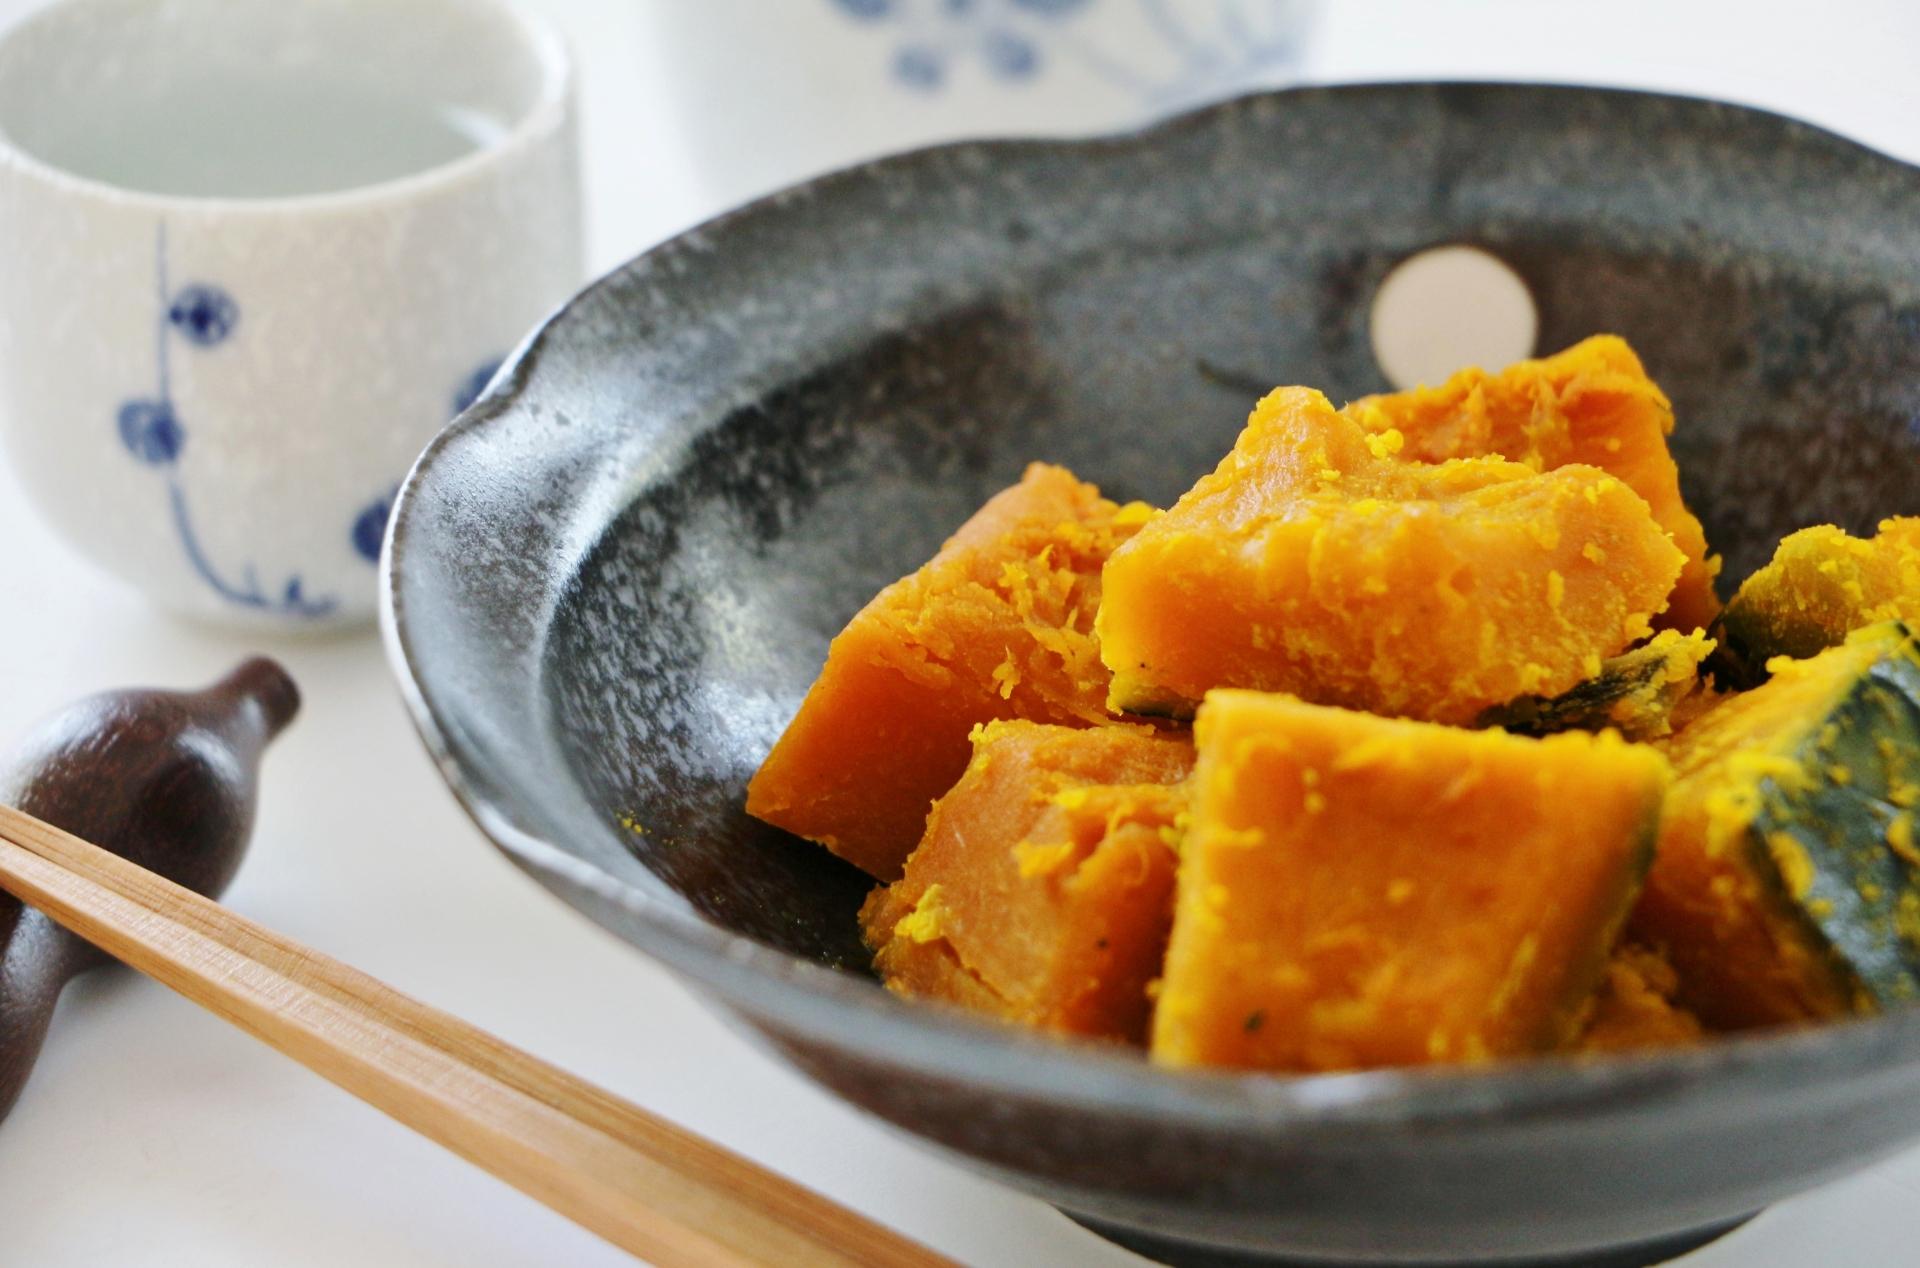 かぼちゃの種以外の実や皮に含まれる育毛に有効な栄養素